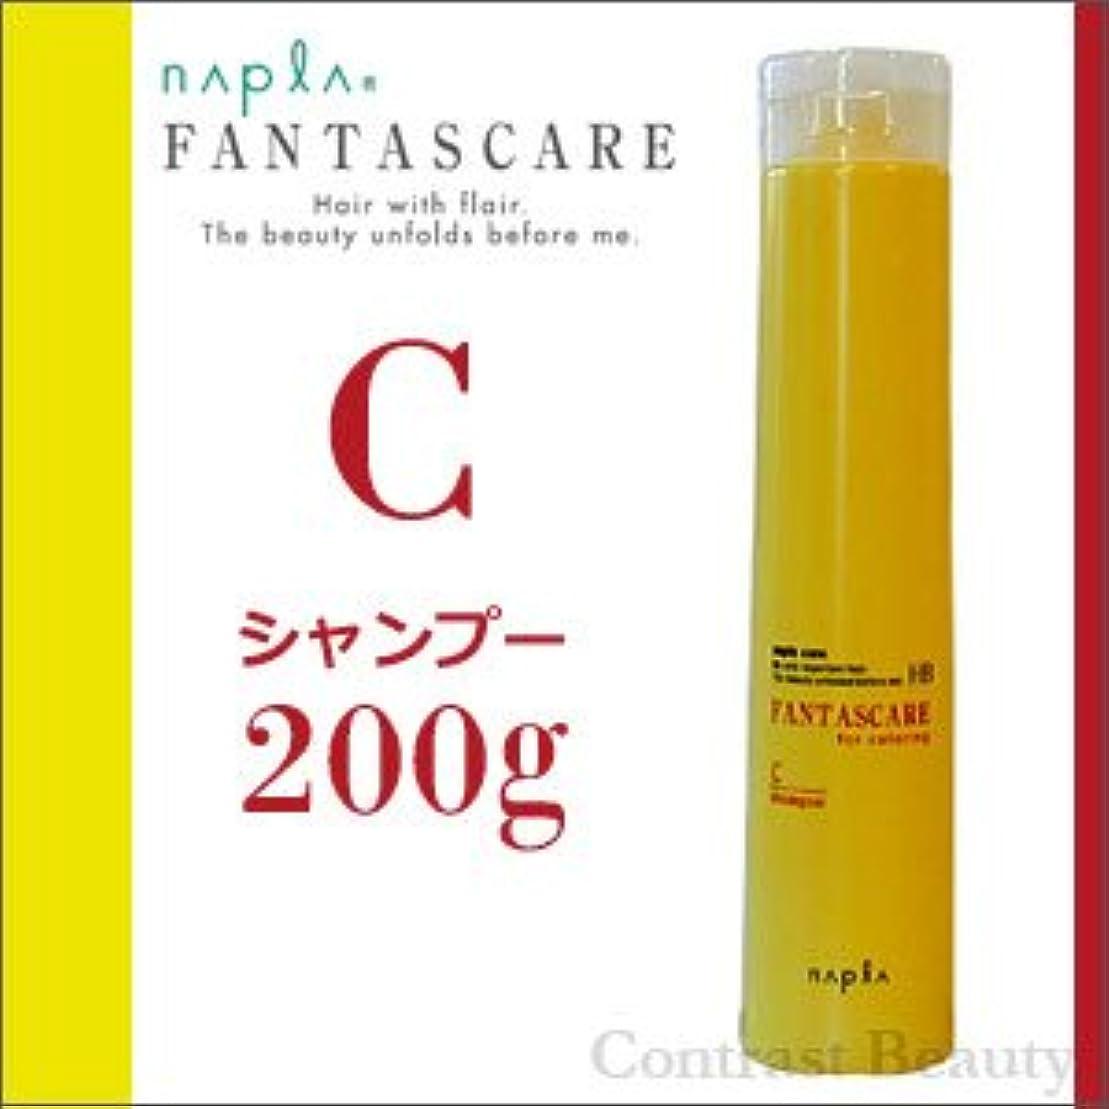 完全に乾く郵便物媒染剤【X5個セット】 ナプラ ファンタスケア Cシャンプー 200g napla